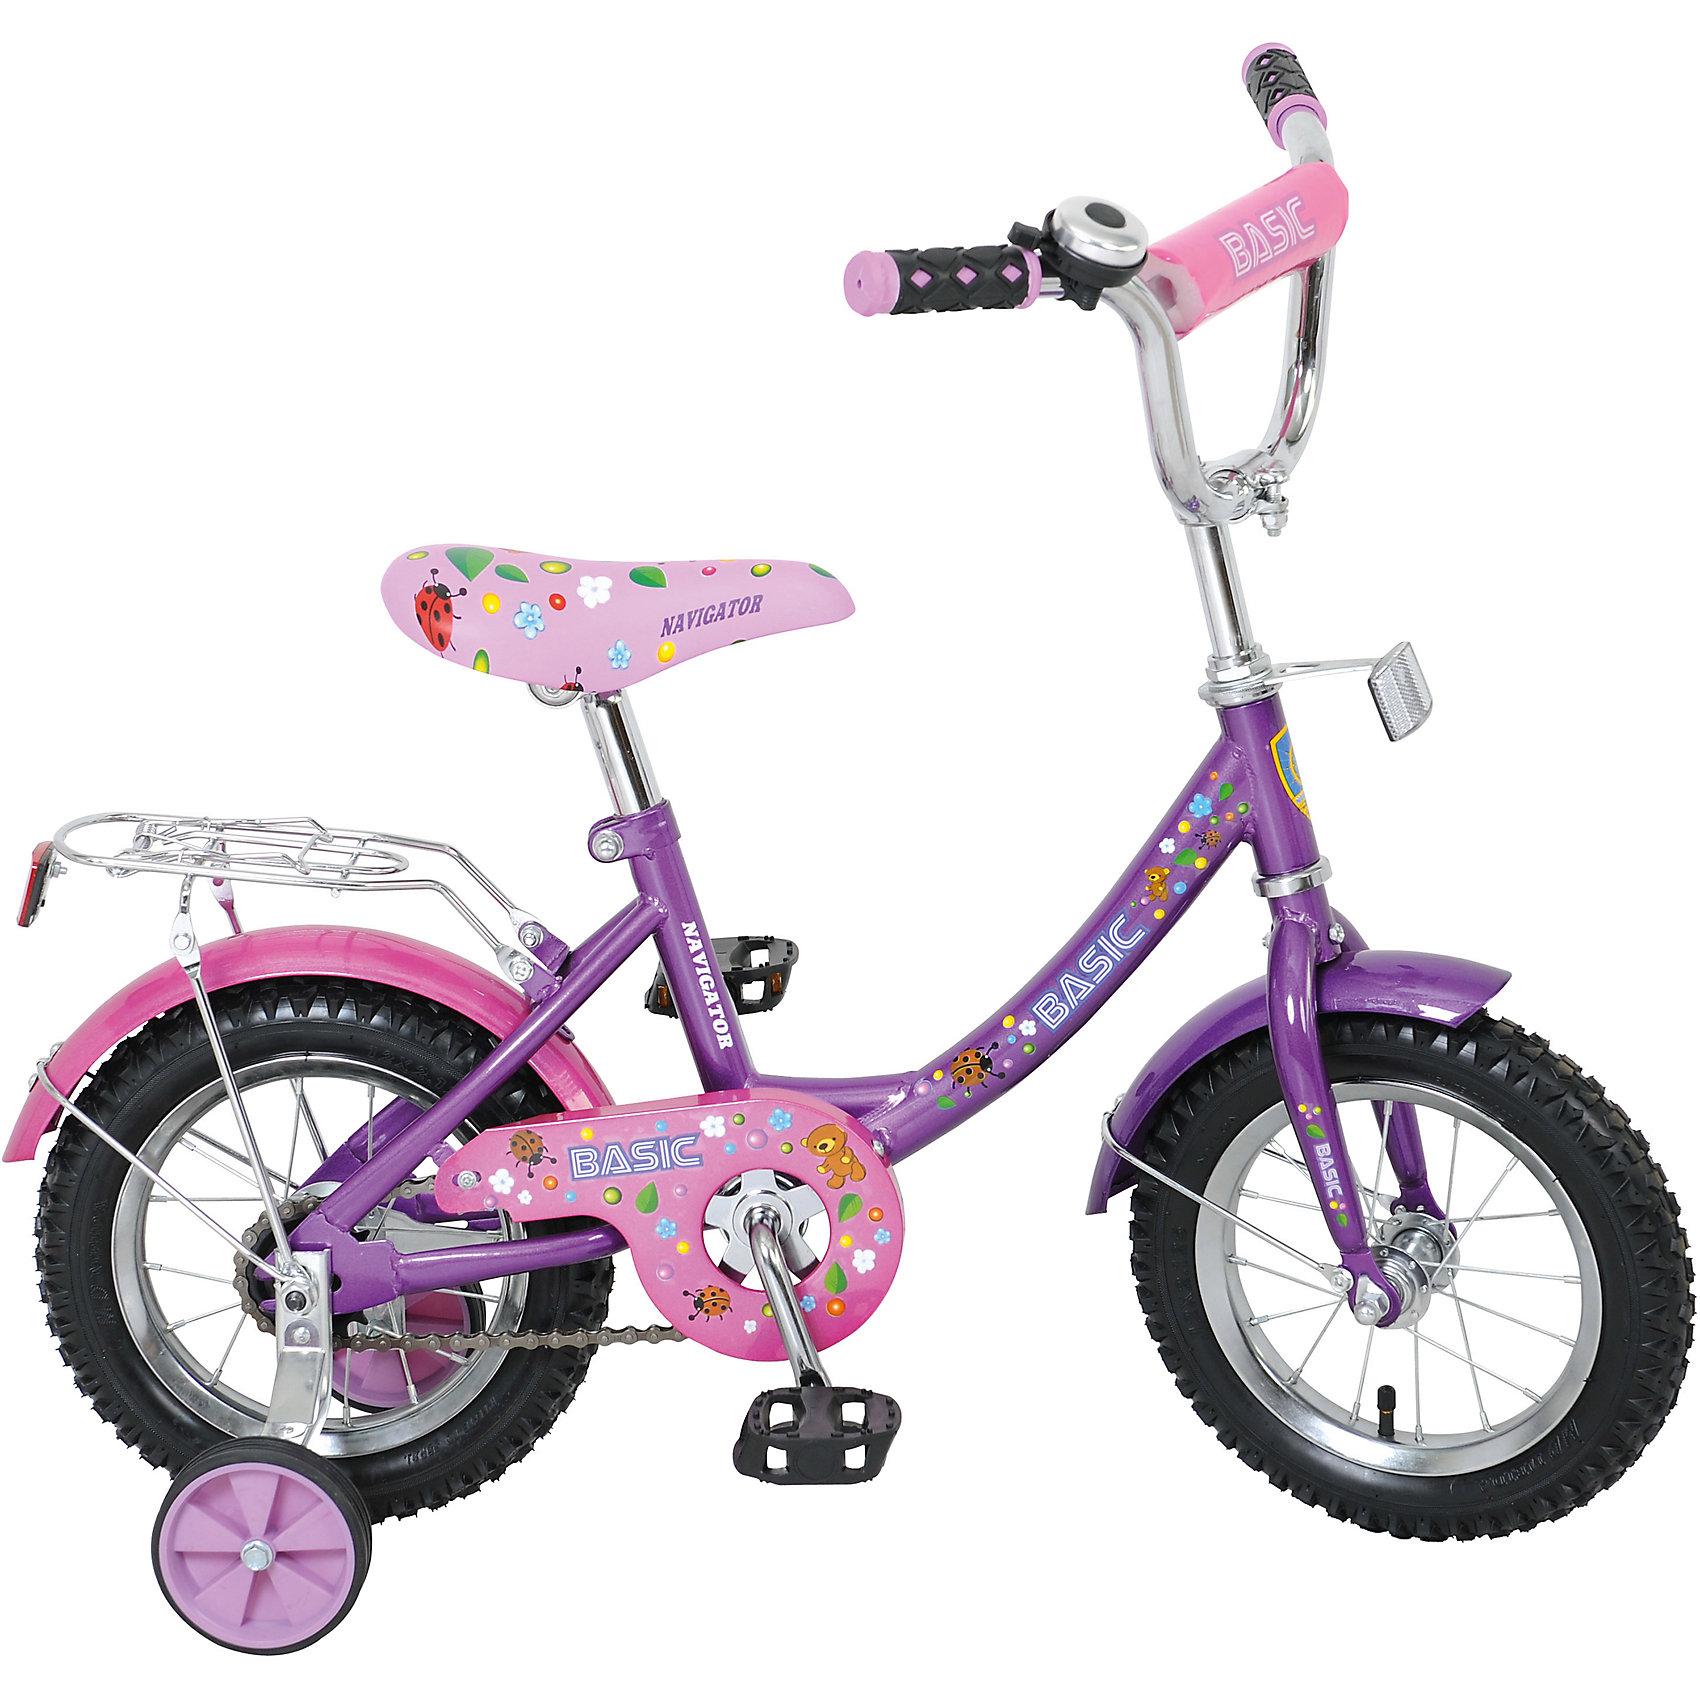 Двухколесный велосипед Basic, розово-фиолетовый, NavigatorДетский велосипед с ярким дизайном бюджетного ценового сегмента.<br><br>Ширина мм: 720<br>Глубина мм: 330<br>Высота мм: 170<br>Вес г: 9000<br>Возраст от месяцев: 300<br>Возраст до месяцев: 2147483647<br>Пол: Женский<br>Возраст: Детский<br>SKU: 5440877